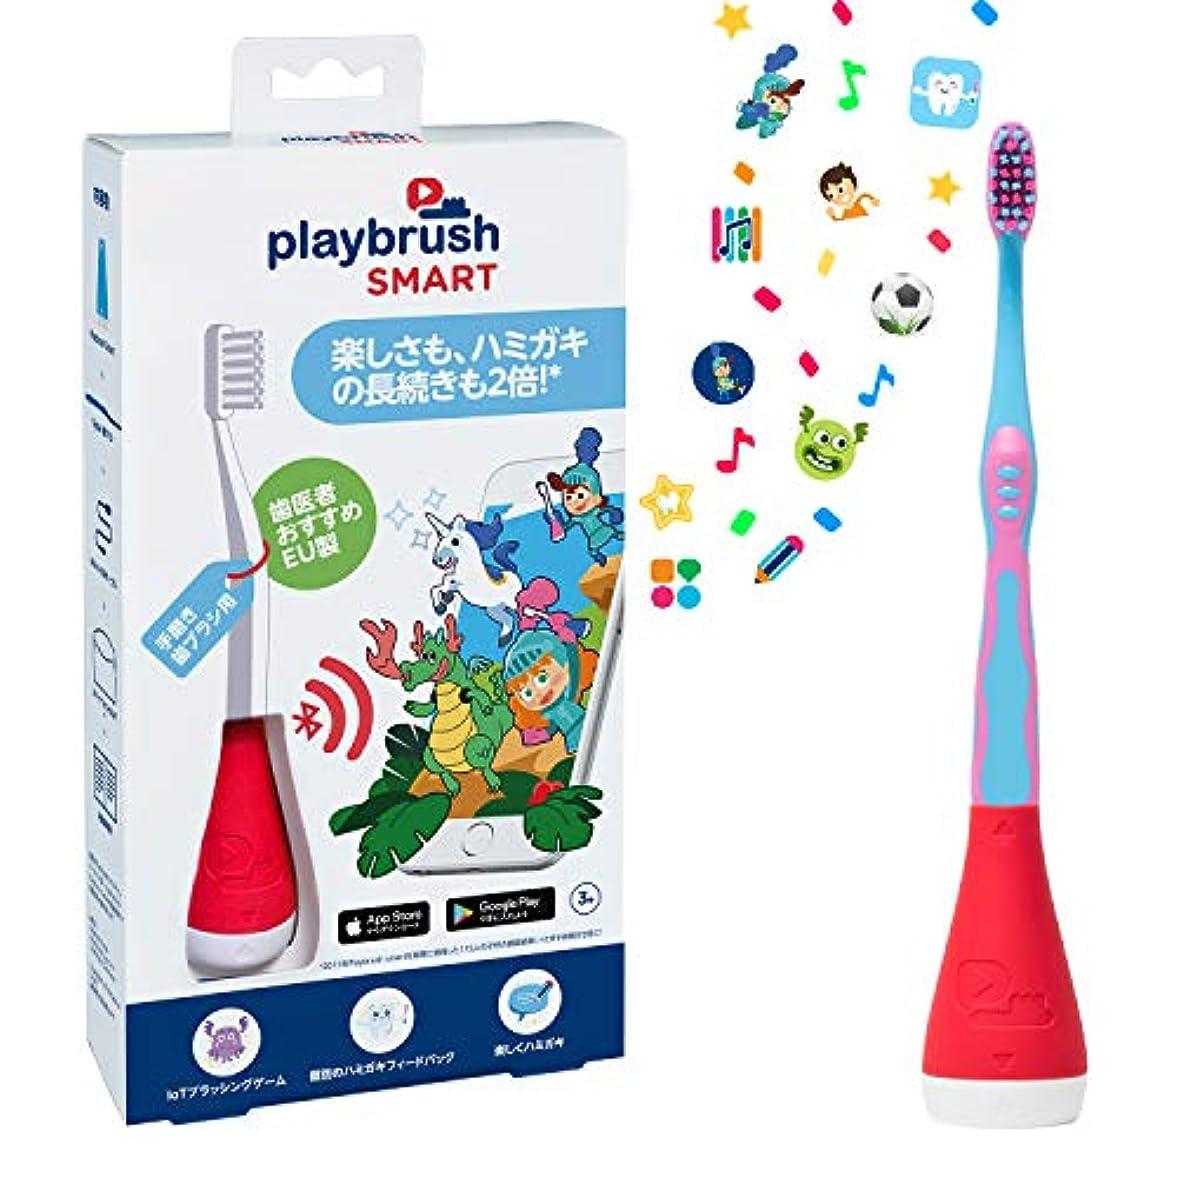 毛布に話す賛辞【ヨーロッパで開発されたゲームができる子供用歯ブラシ】プレイブラッシュ スマート レッド◇ 普段の歯ブラシに取り付けるだけ◇ Playbrush Smart Red